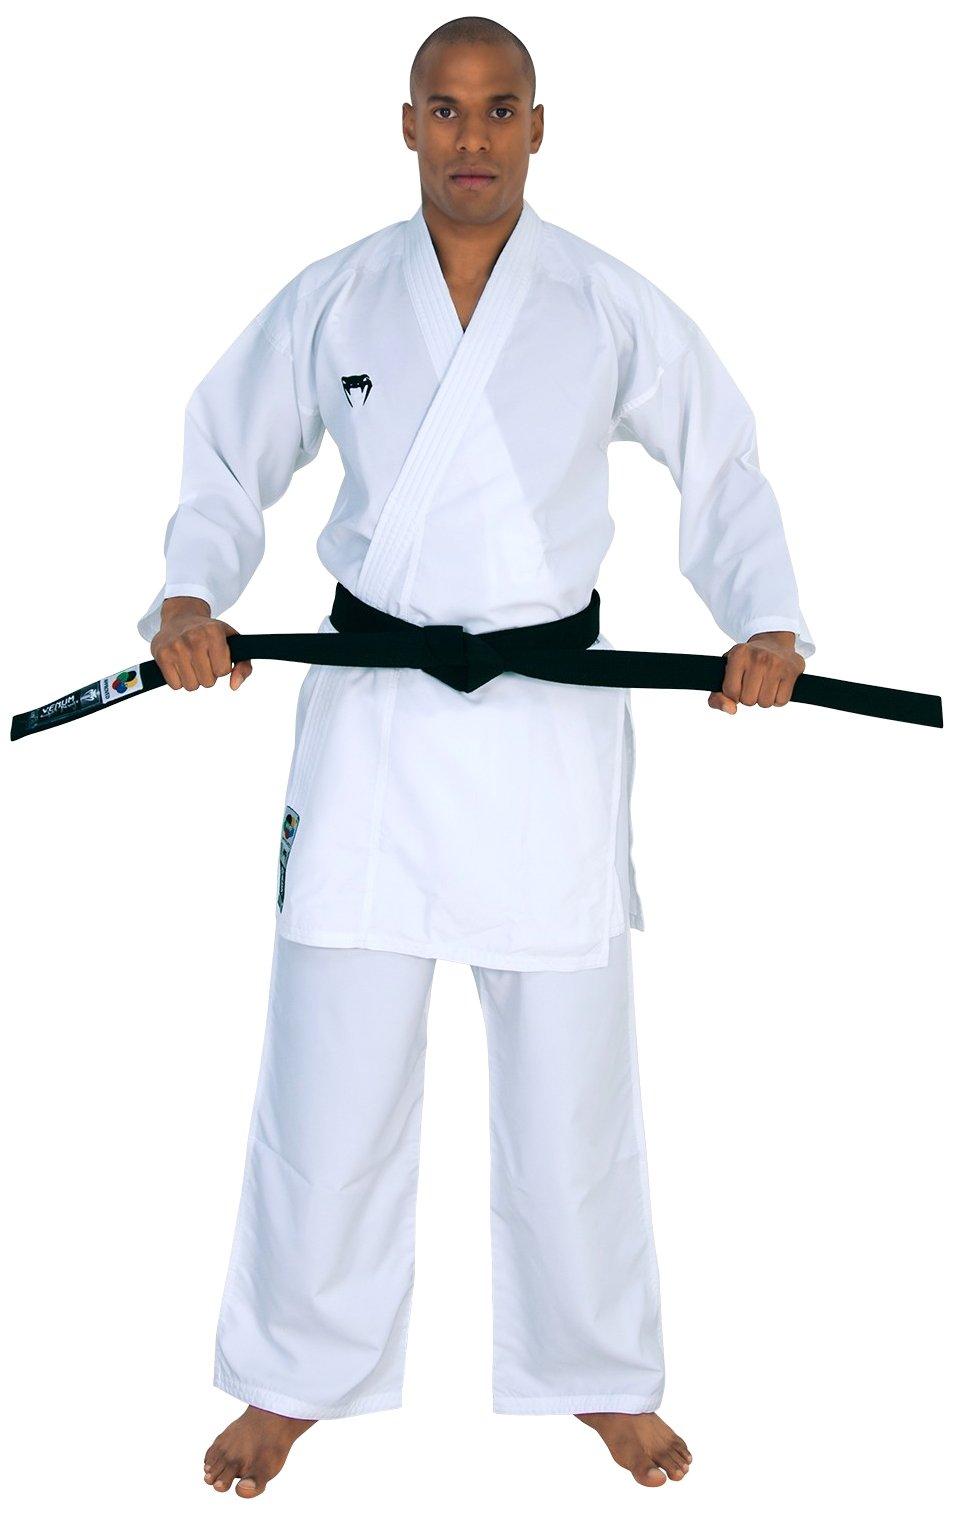 Venum ''Elite Kumite Karate GI Uniform, 185cm, White by Venum